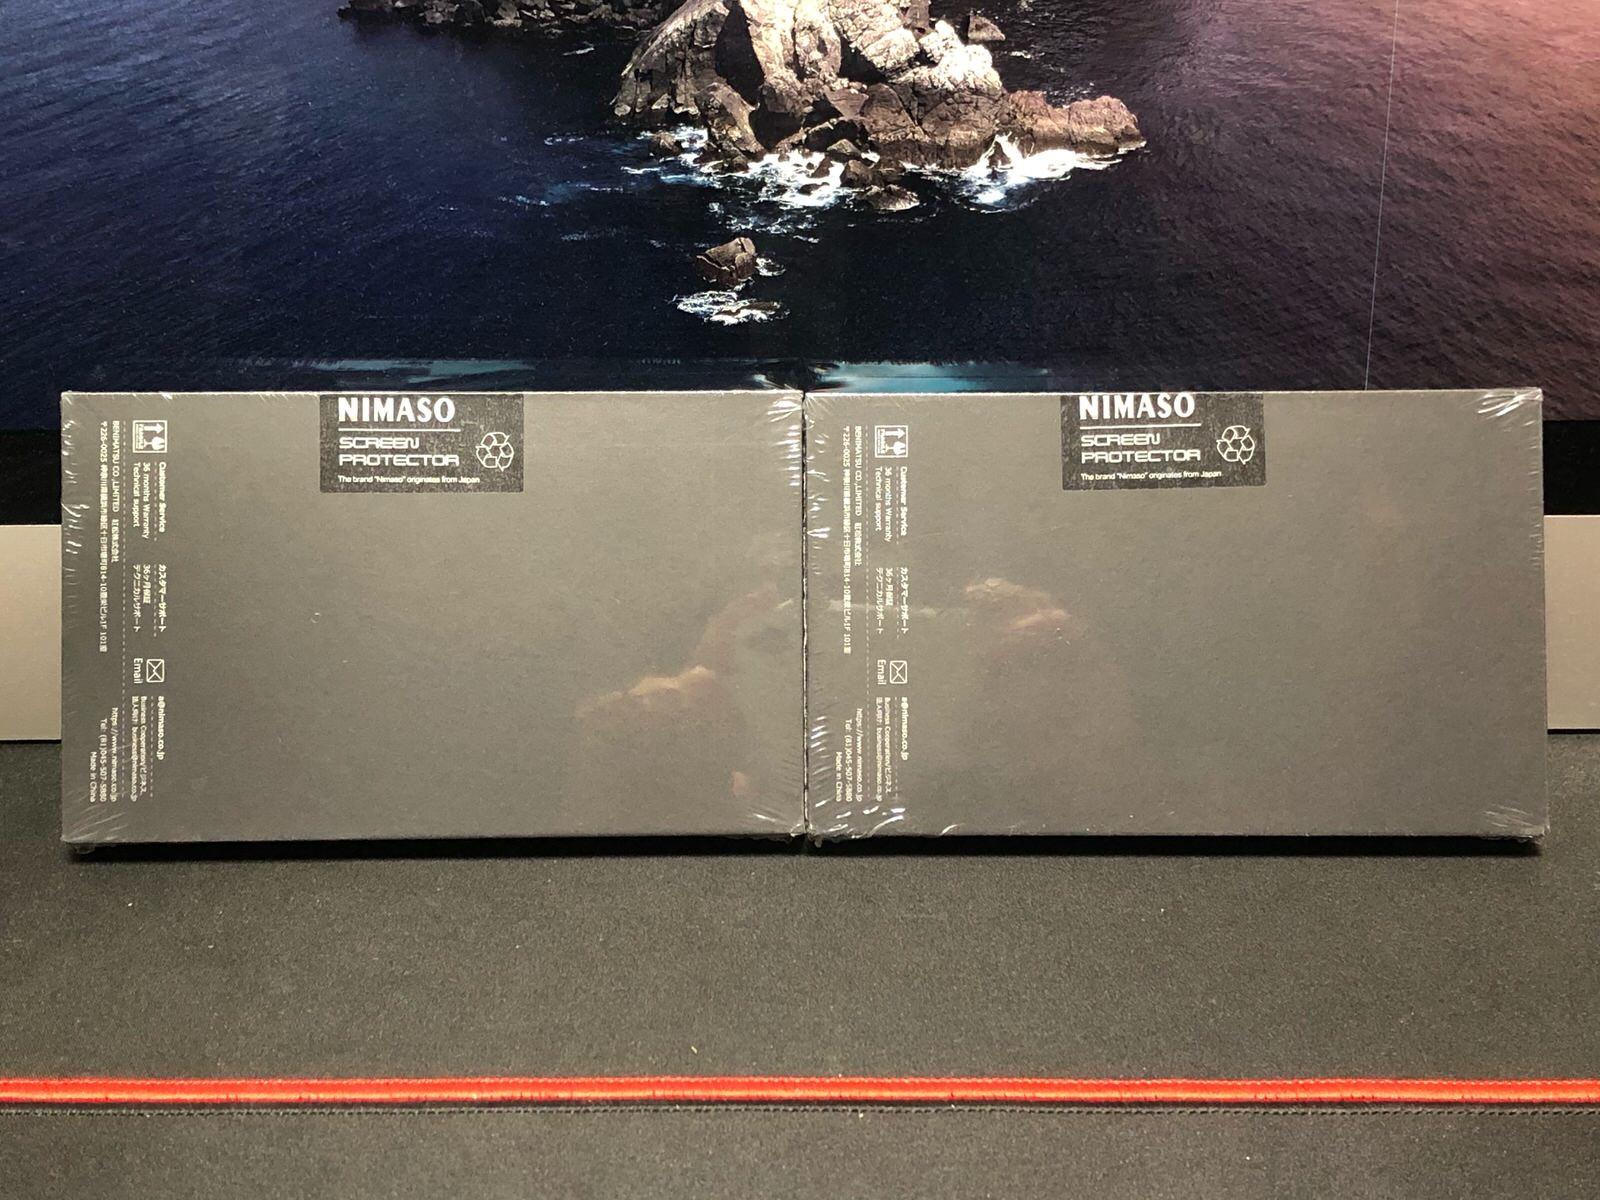 【2枚セット】NIMASO iPhone12 /iPhone 12 Pro/iPhone 11 / XR 用 ガラスフィルム 【ガイド枠付き】−3